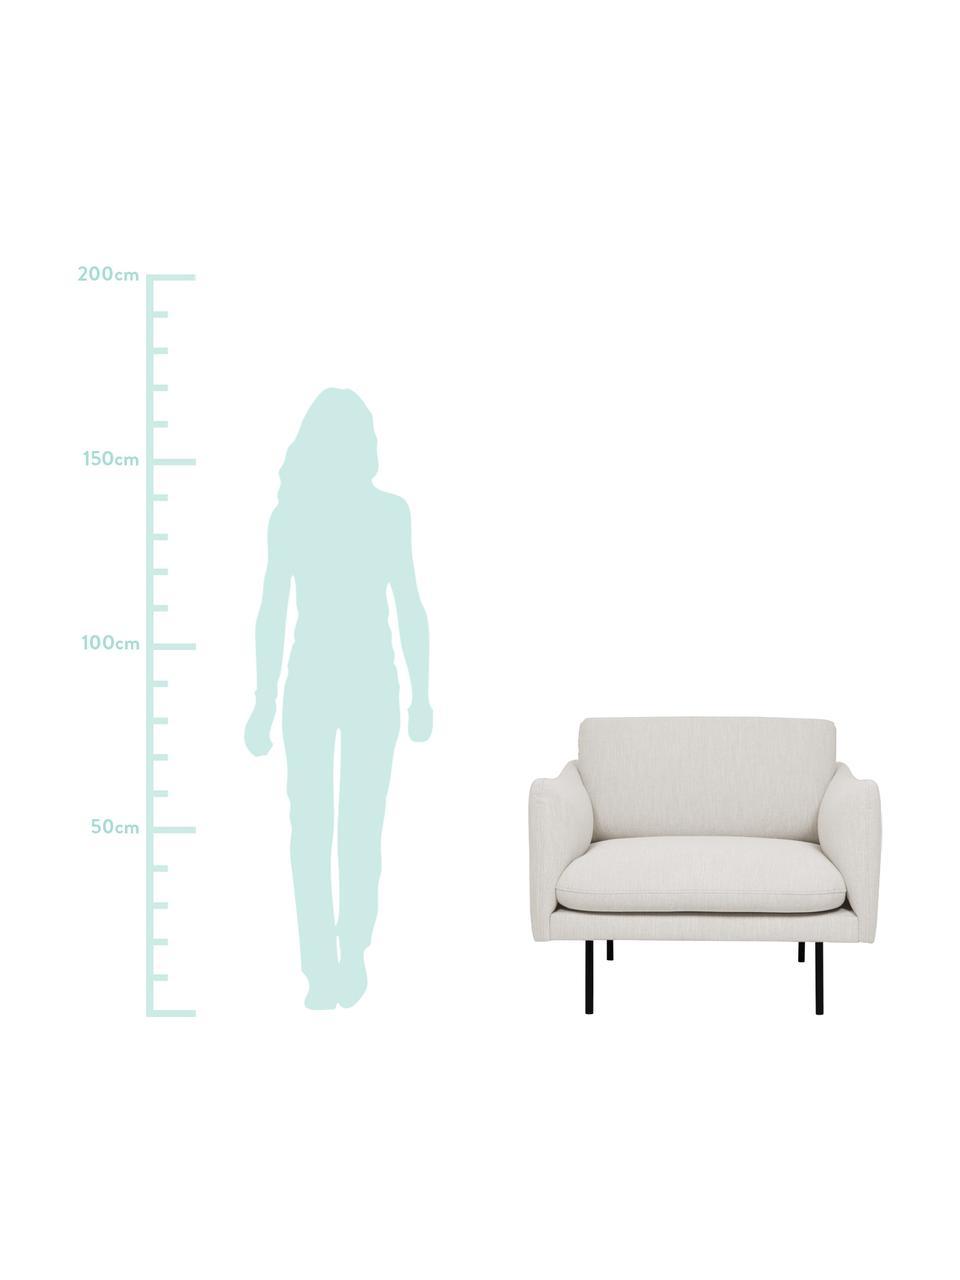 Fotel z metalowymi nogami Moby, Tapicerka: poliester Dzięki tkaninie, Tapicerka: pianka na zawieszeniu spr, Nogi: metal malowany proszkowo, Beżowy, S 90 x G 90 cm